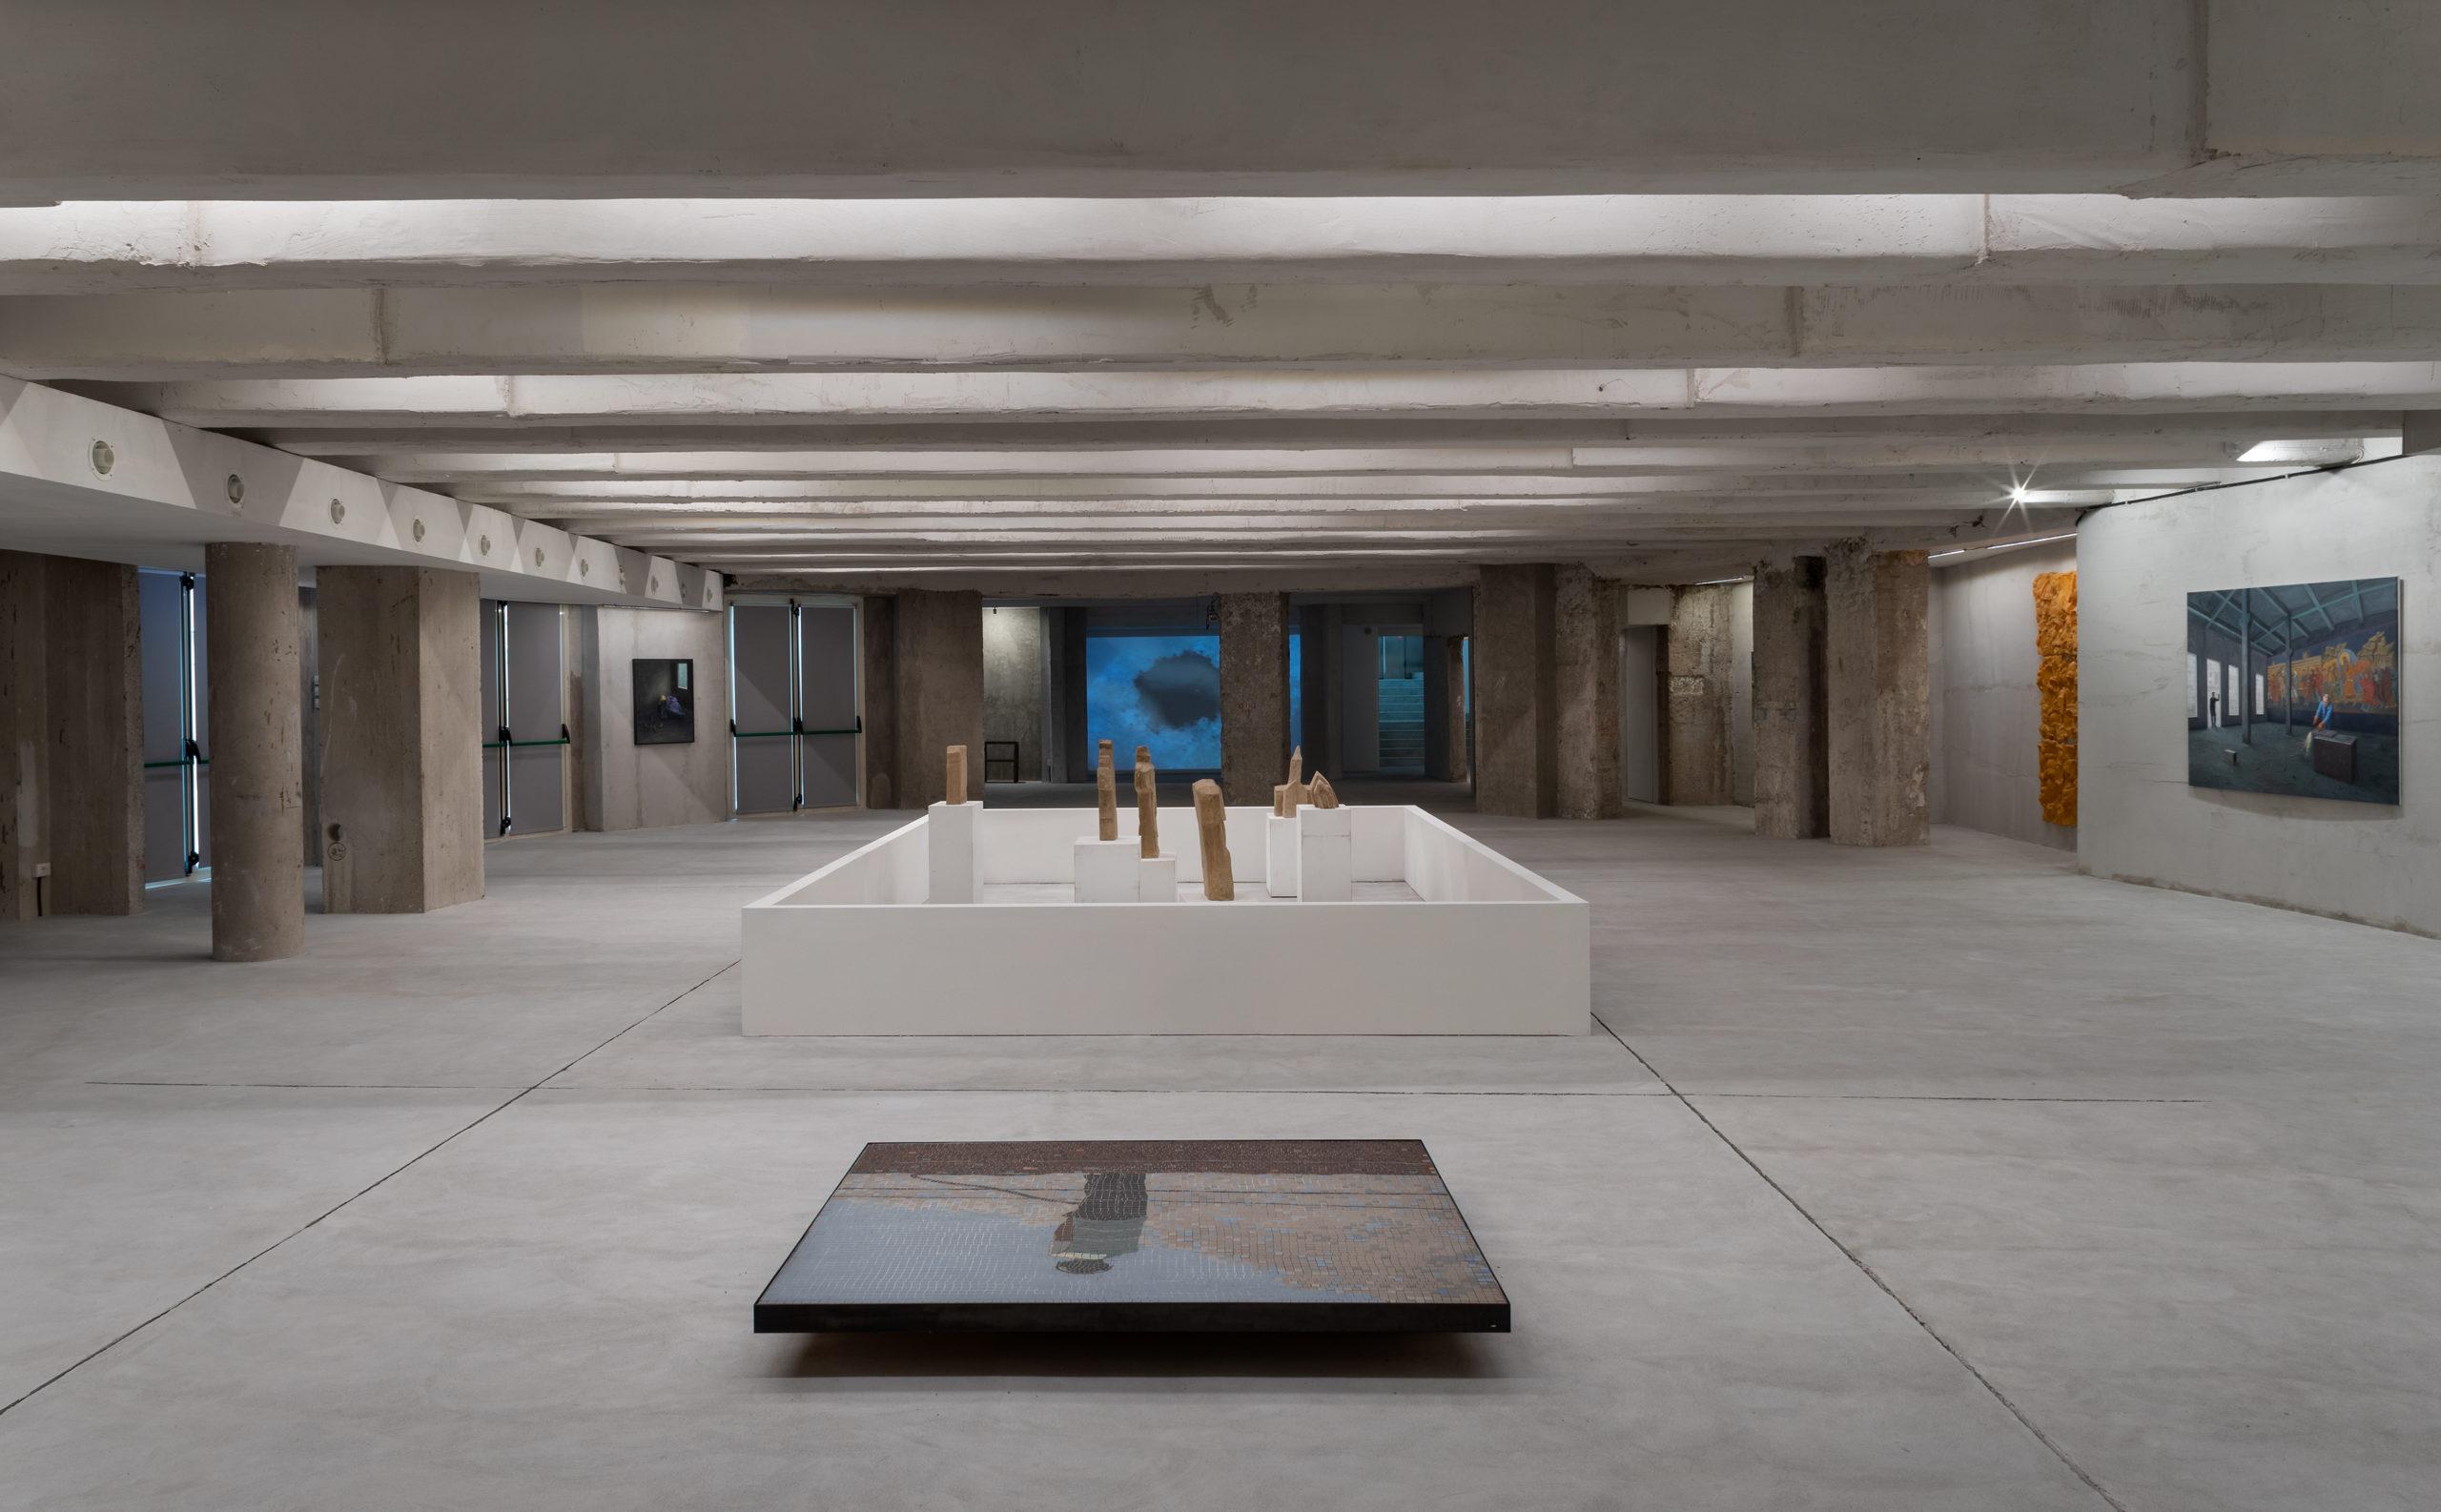 La Fondazione. Il nuovo centro culturale no profit nel cuore di Roma. Gli eventi da non perdere